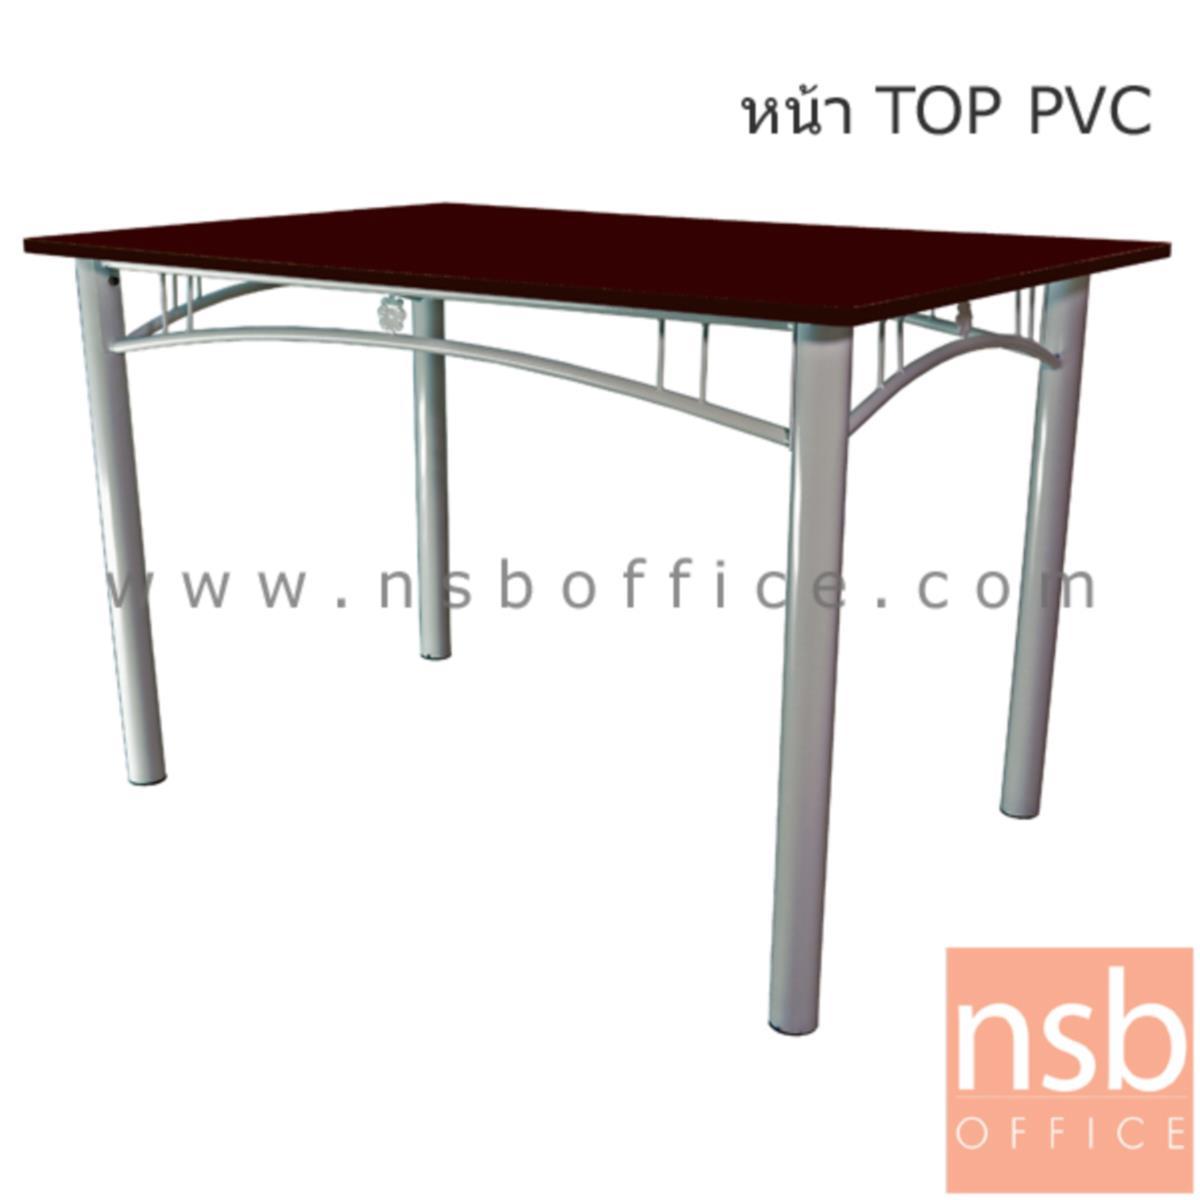 A14A187:โต๊ะหน้าเมลามีน รุ่น Beda (เบด้า) ขนาด 120W cm.  โครงขาเหล็ก